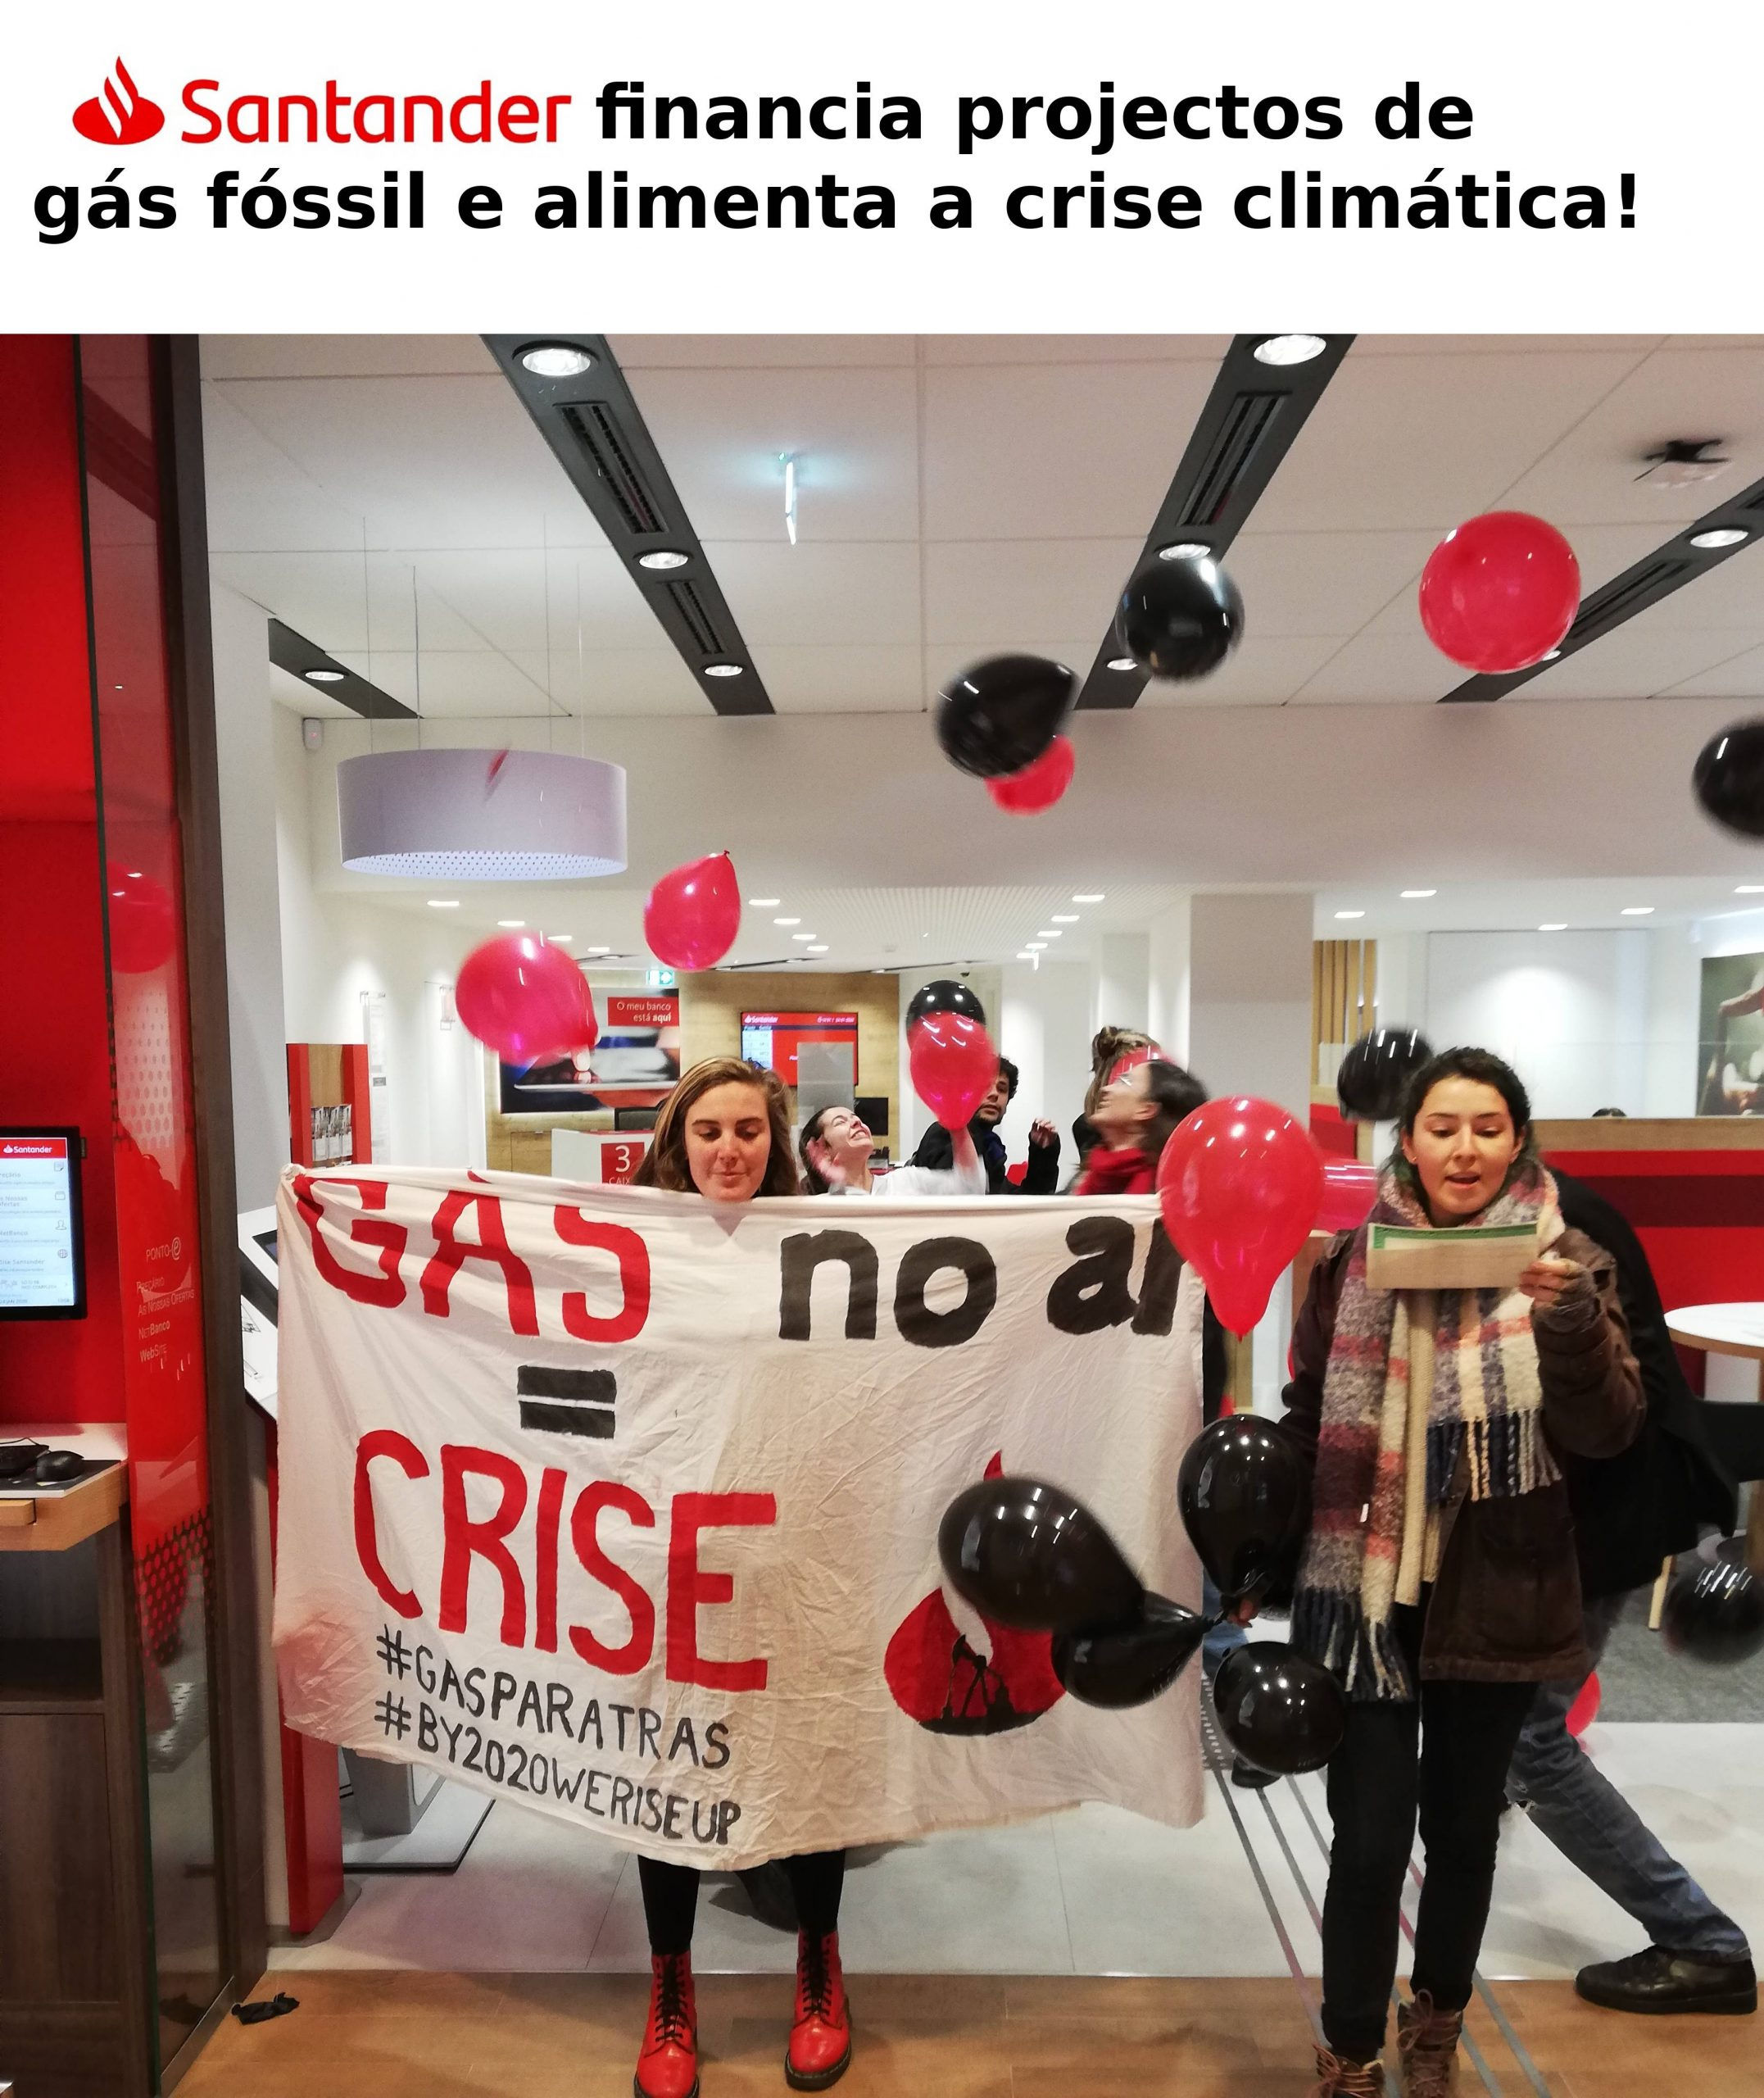 """ACÇÃO: Gás """"natural"""" devolvido sob a forma de balões ao Santander, banco que financia a crise climática"""